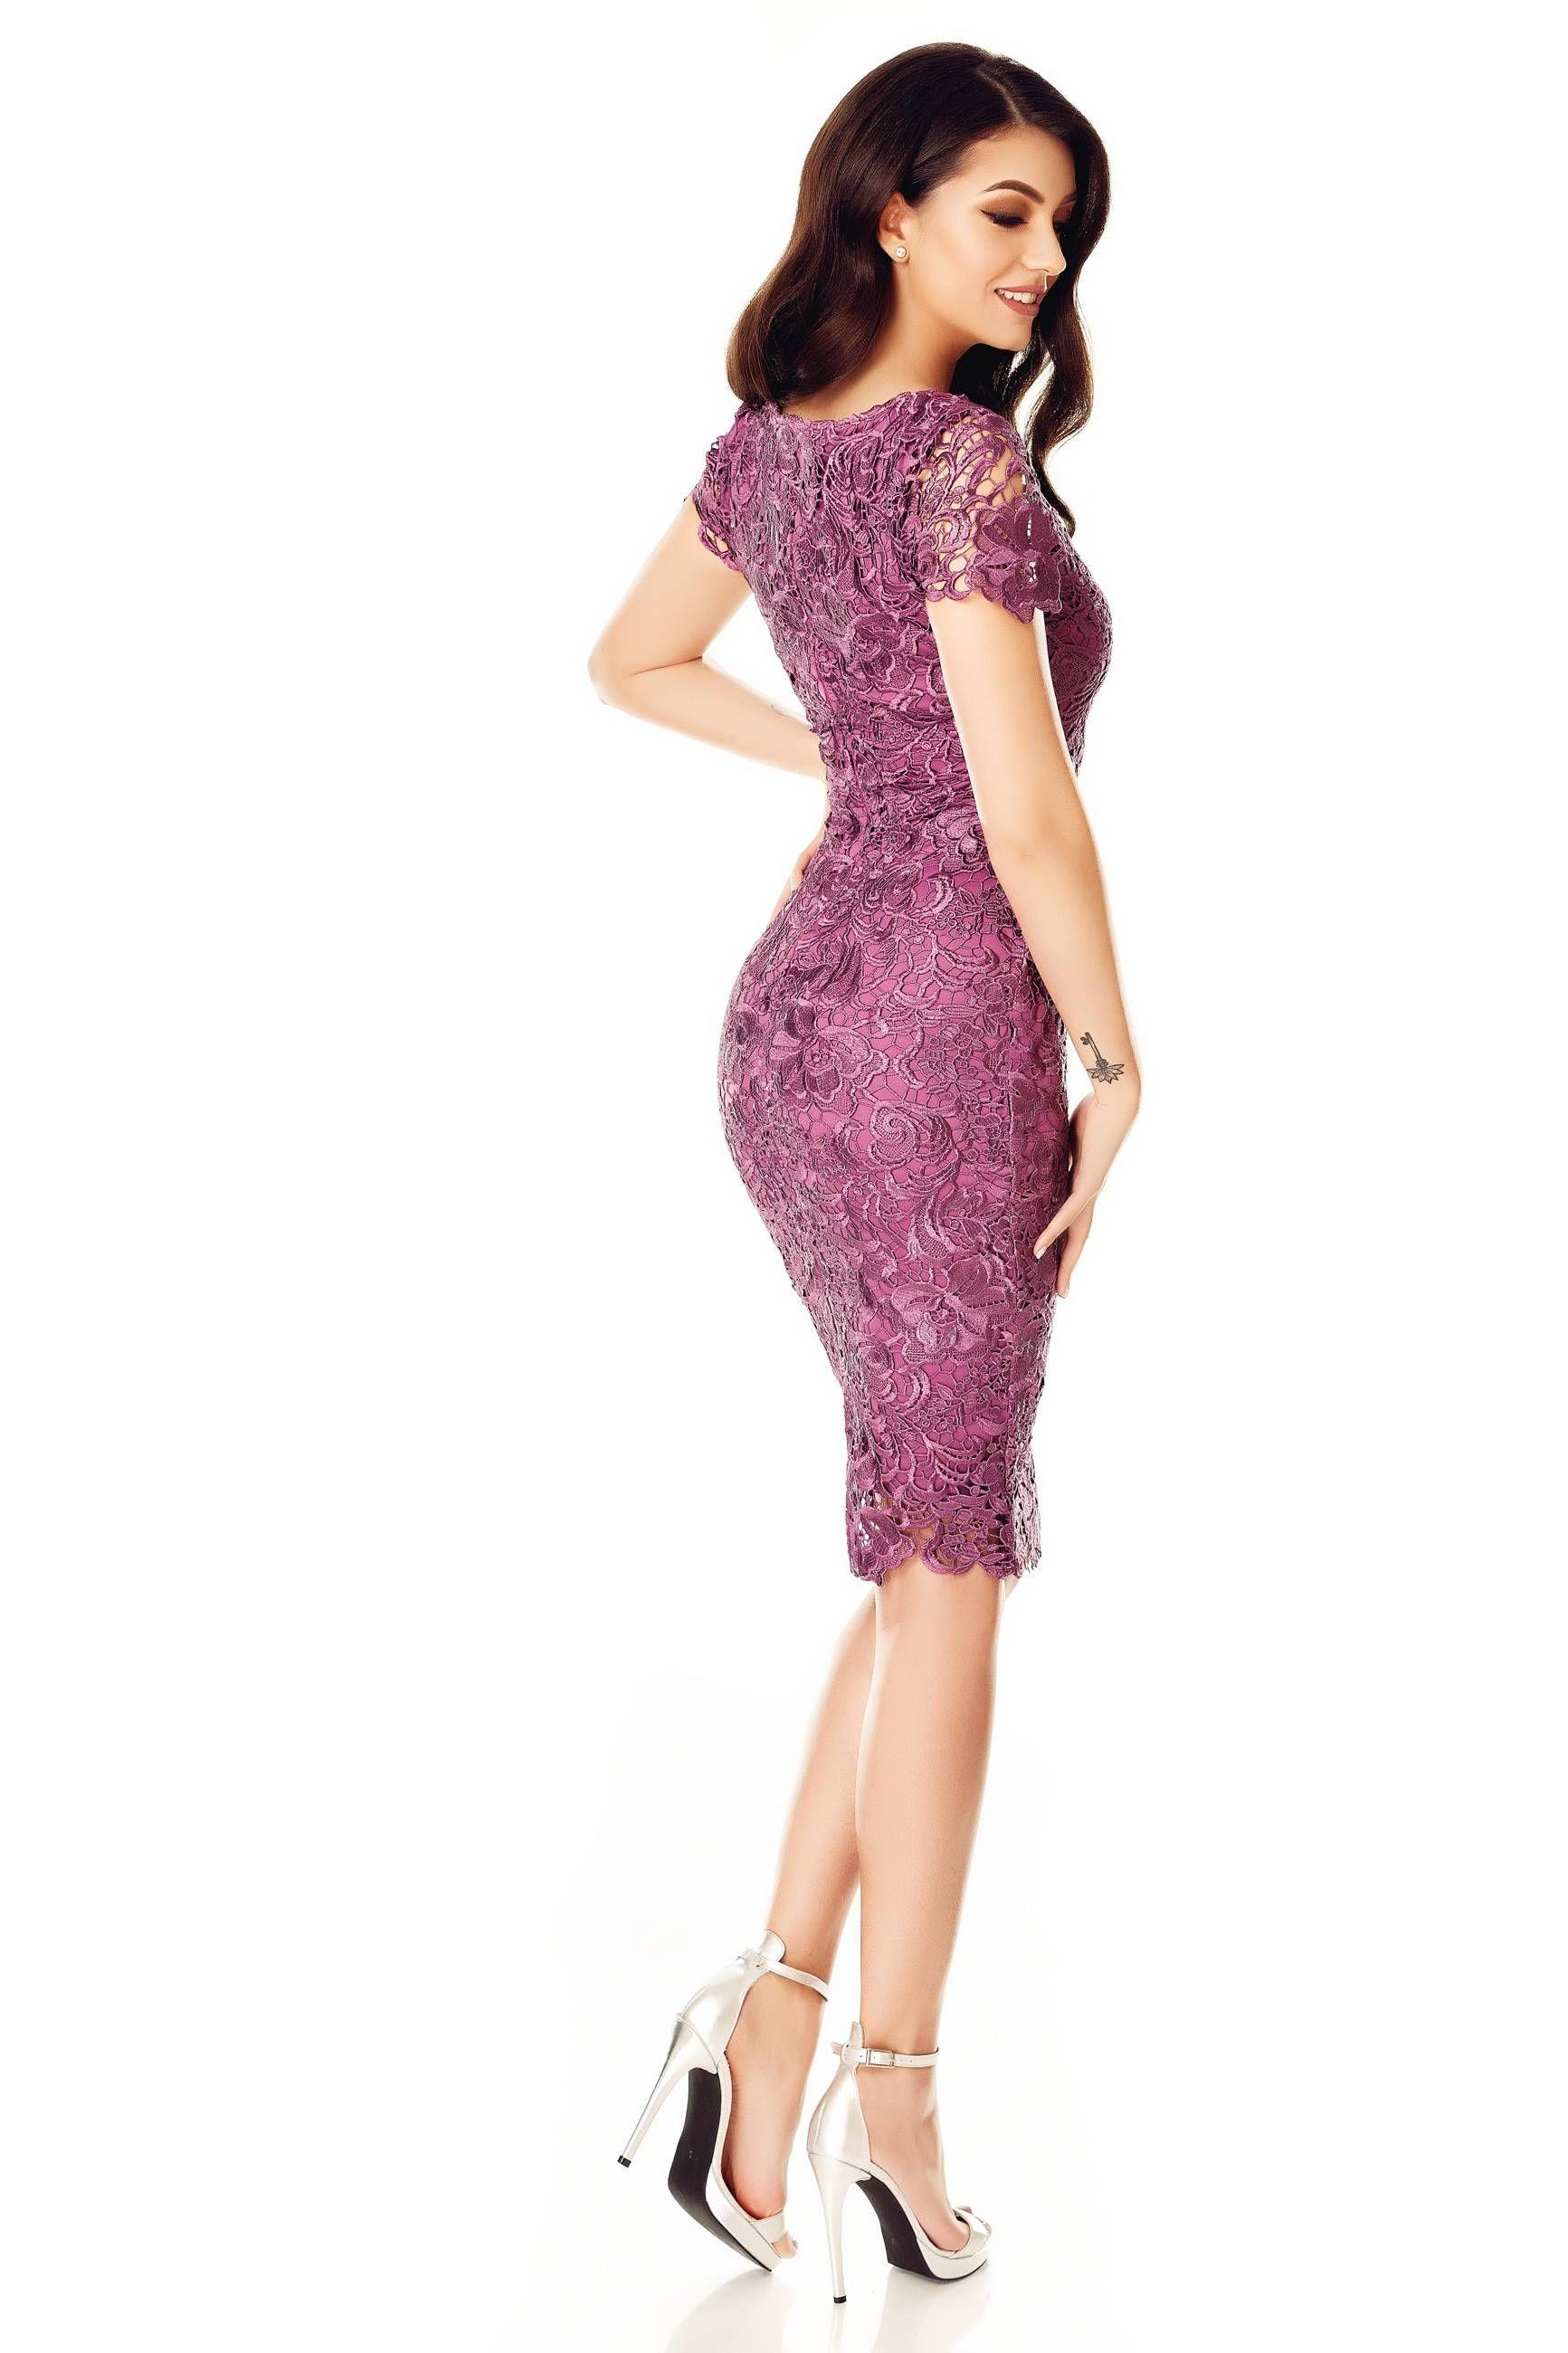 Rochie Taisa Mov в 2019 г мода Moda Mallas и Euforia